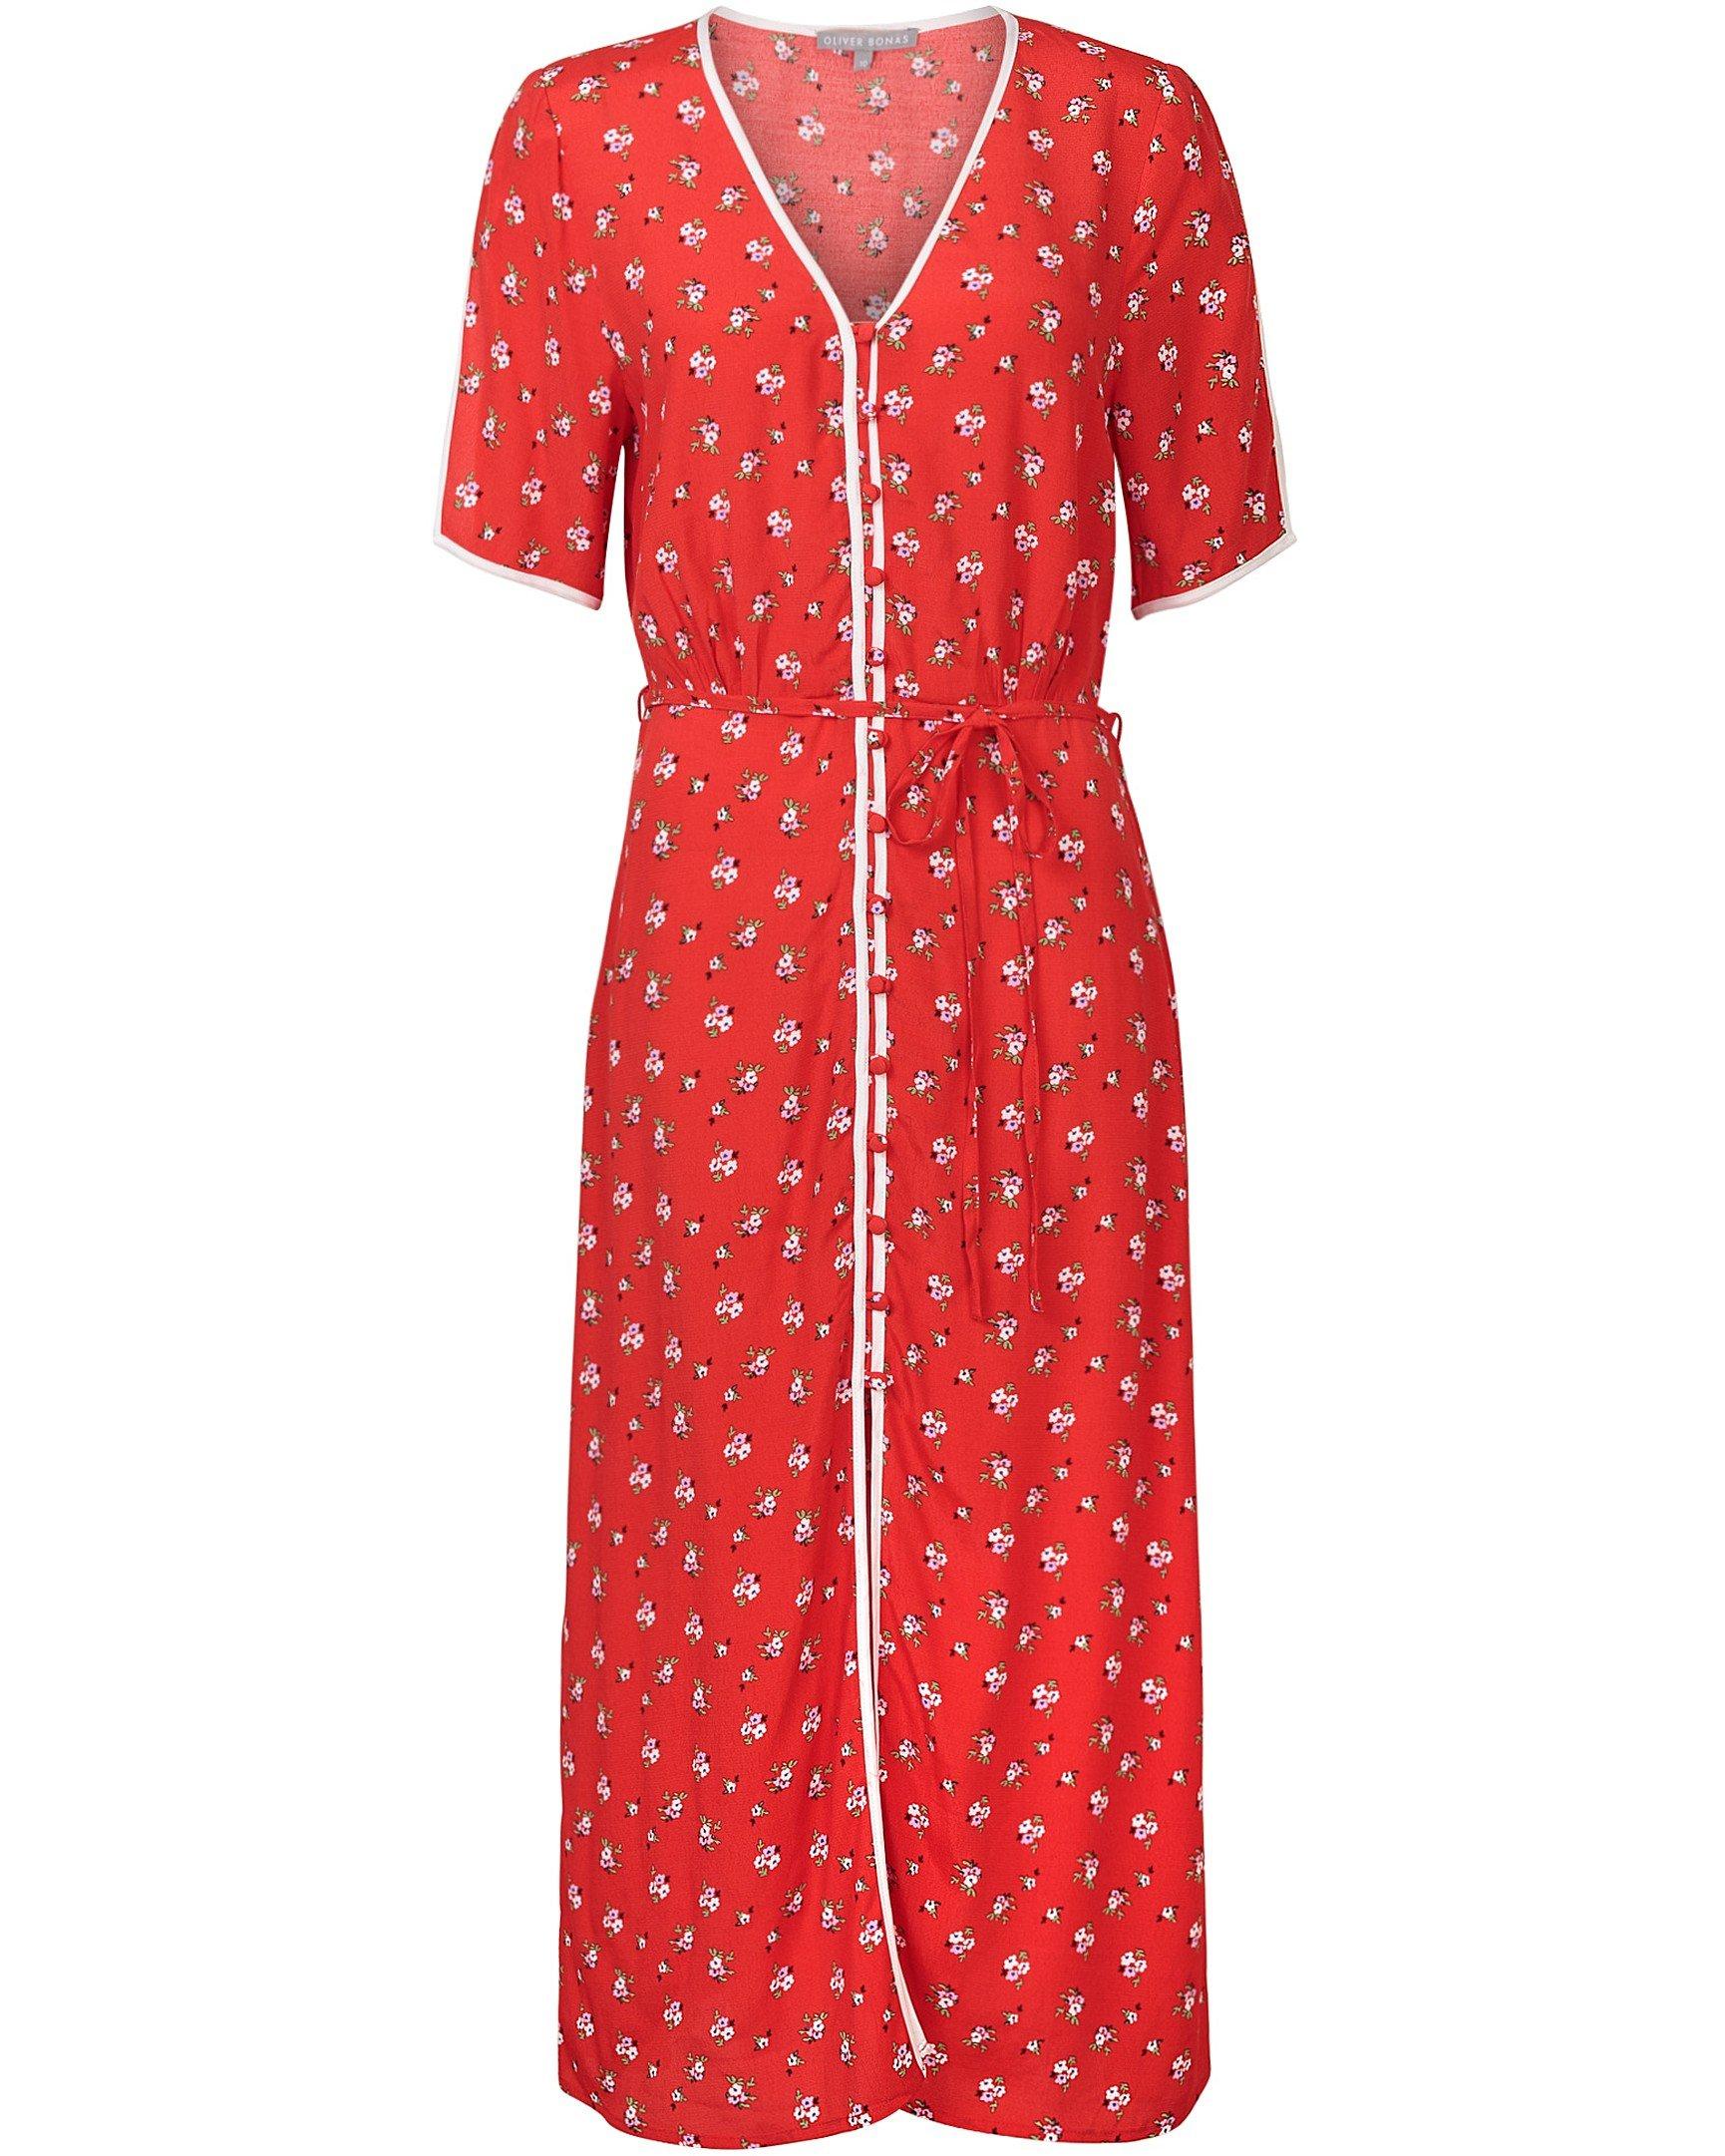 bd7827adaa9 Ditsy Print Red Midi Dress